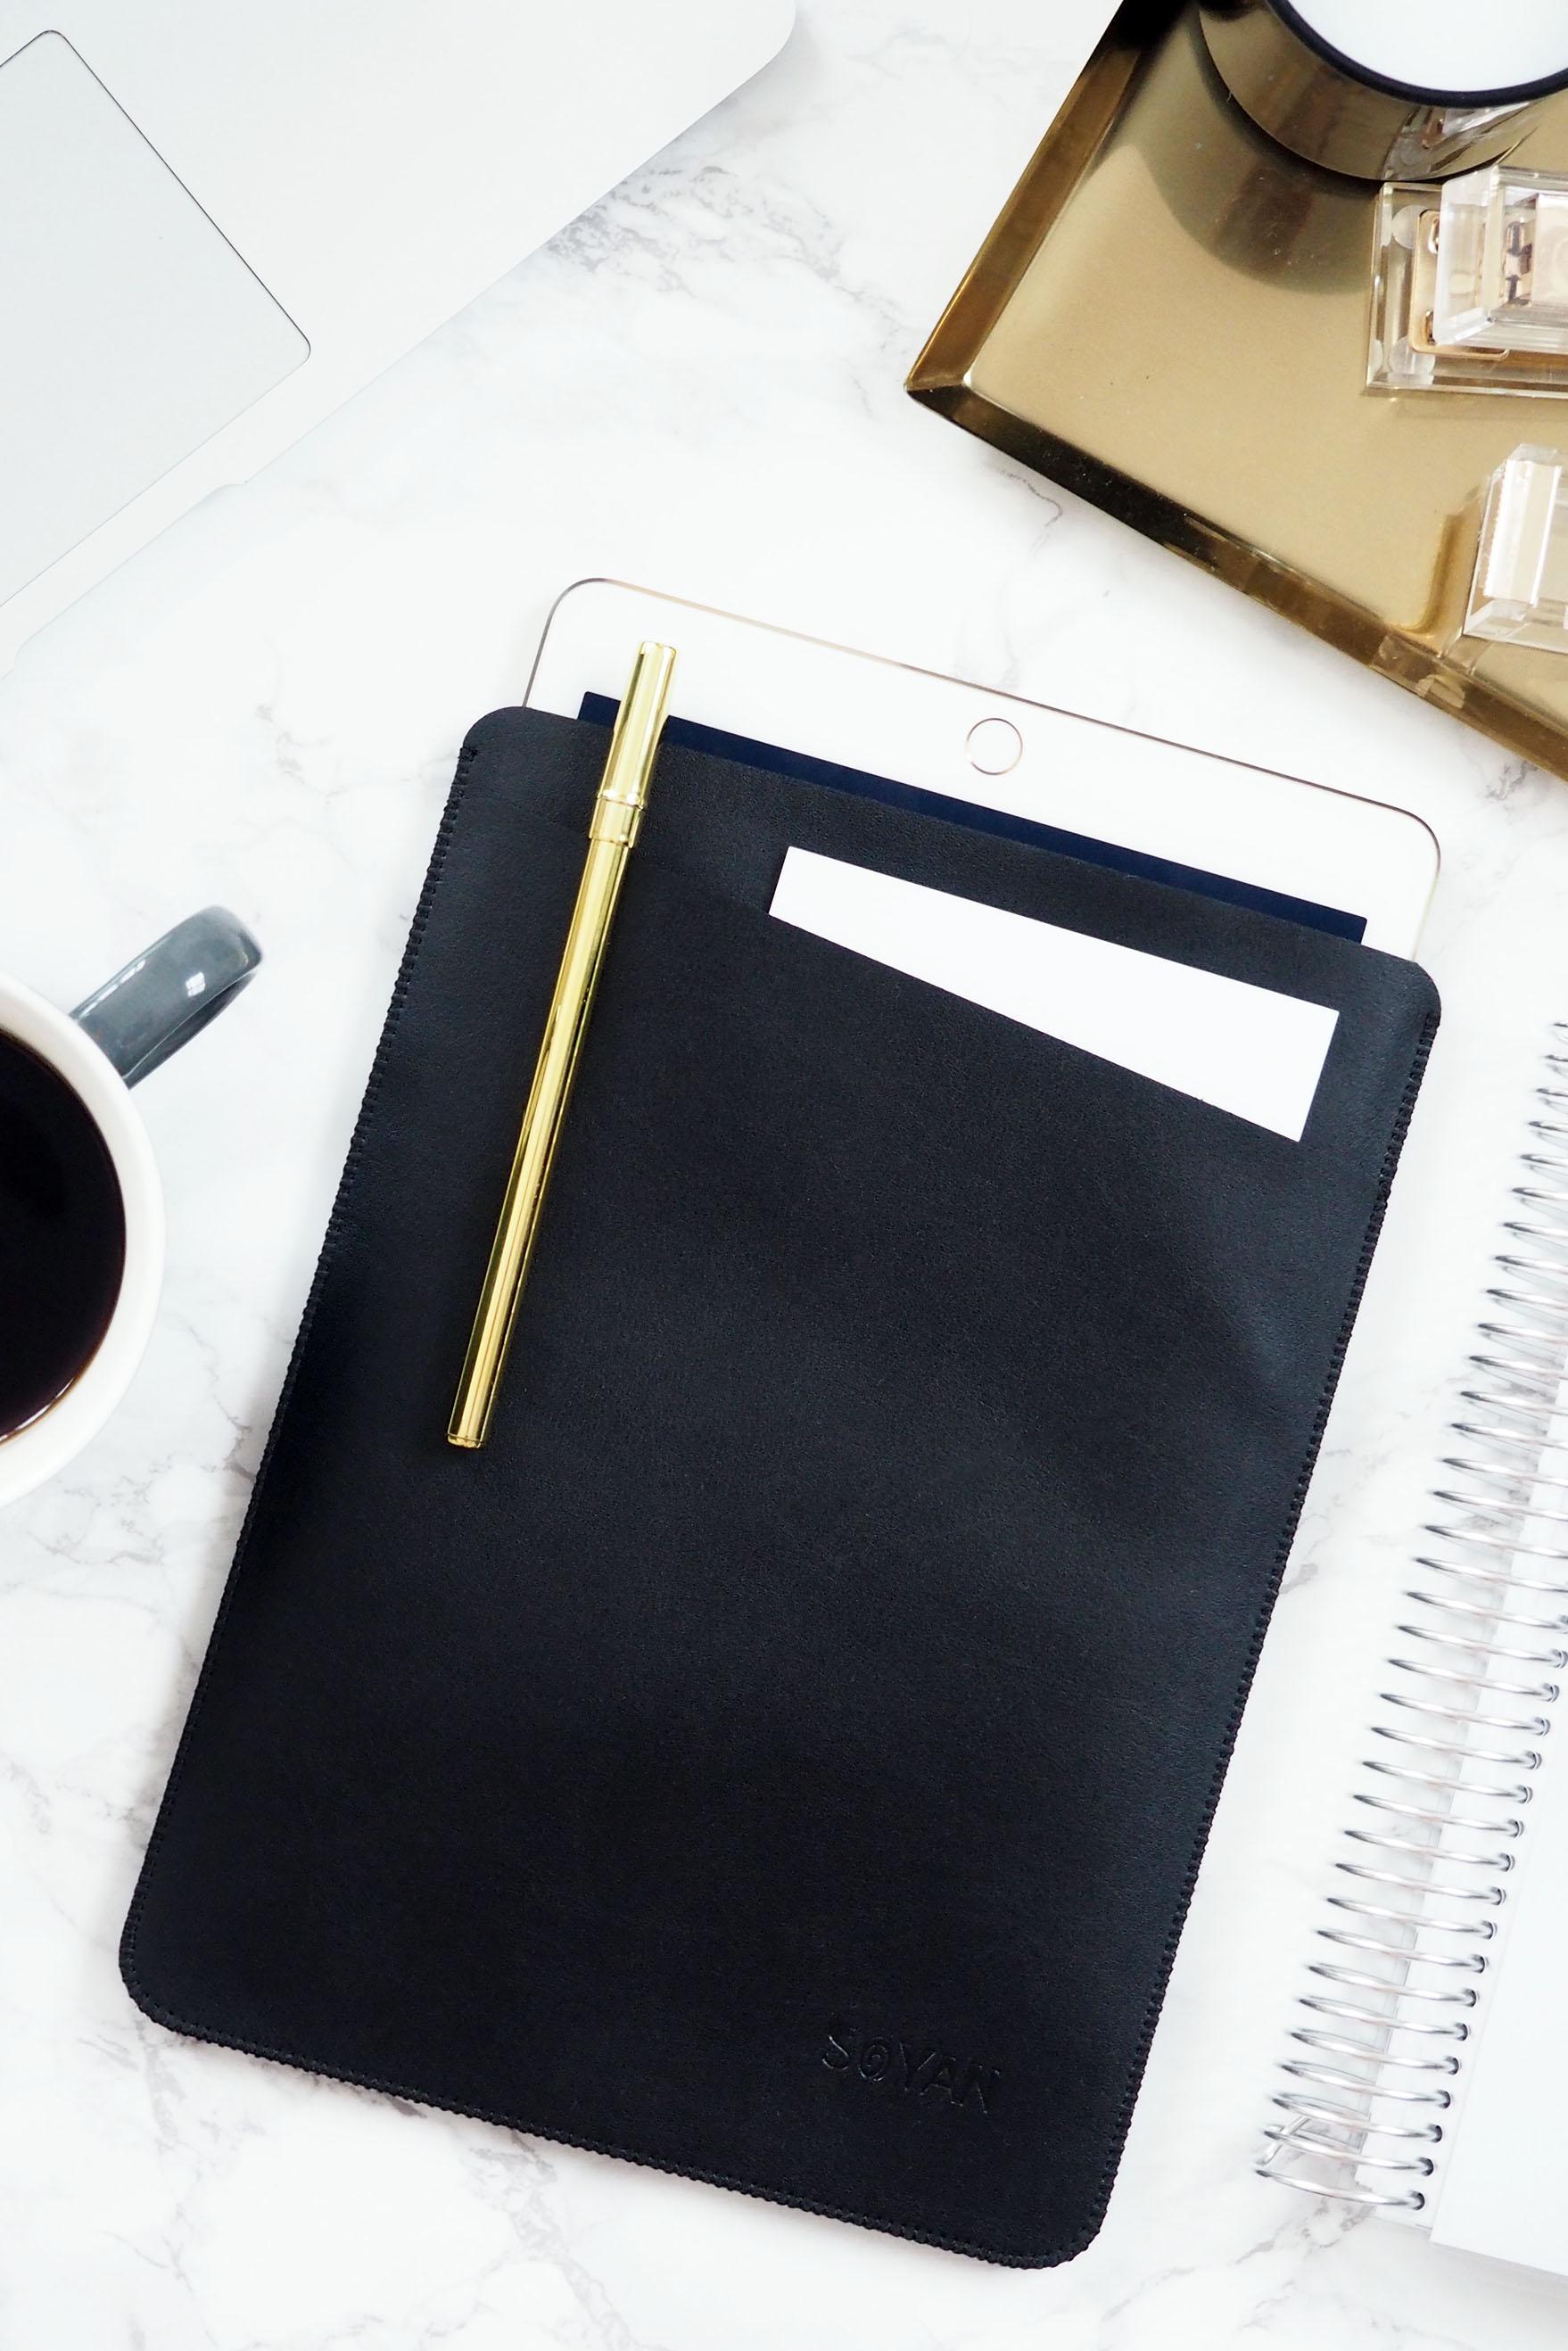 iPad Air 2 Case - 2